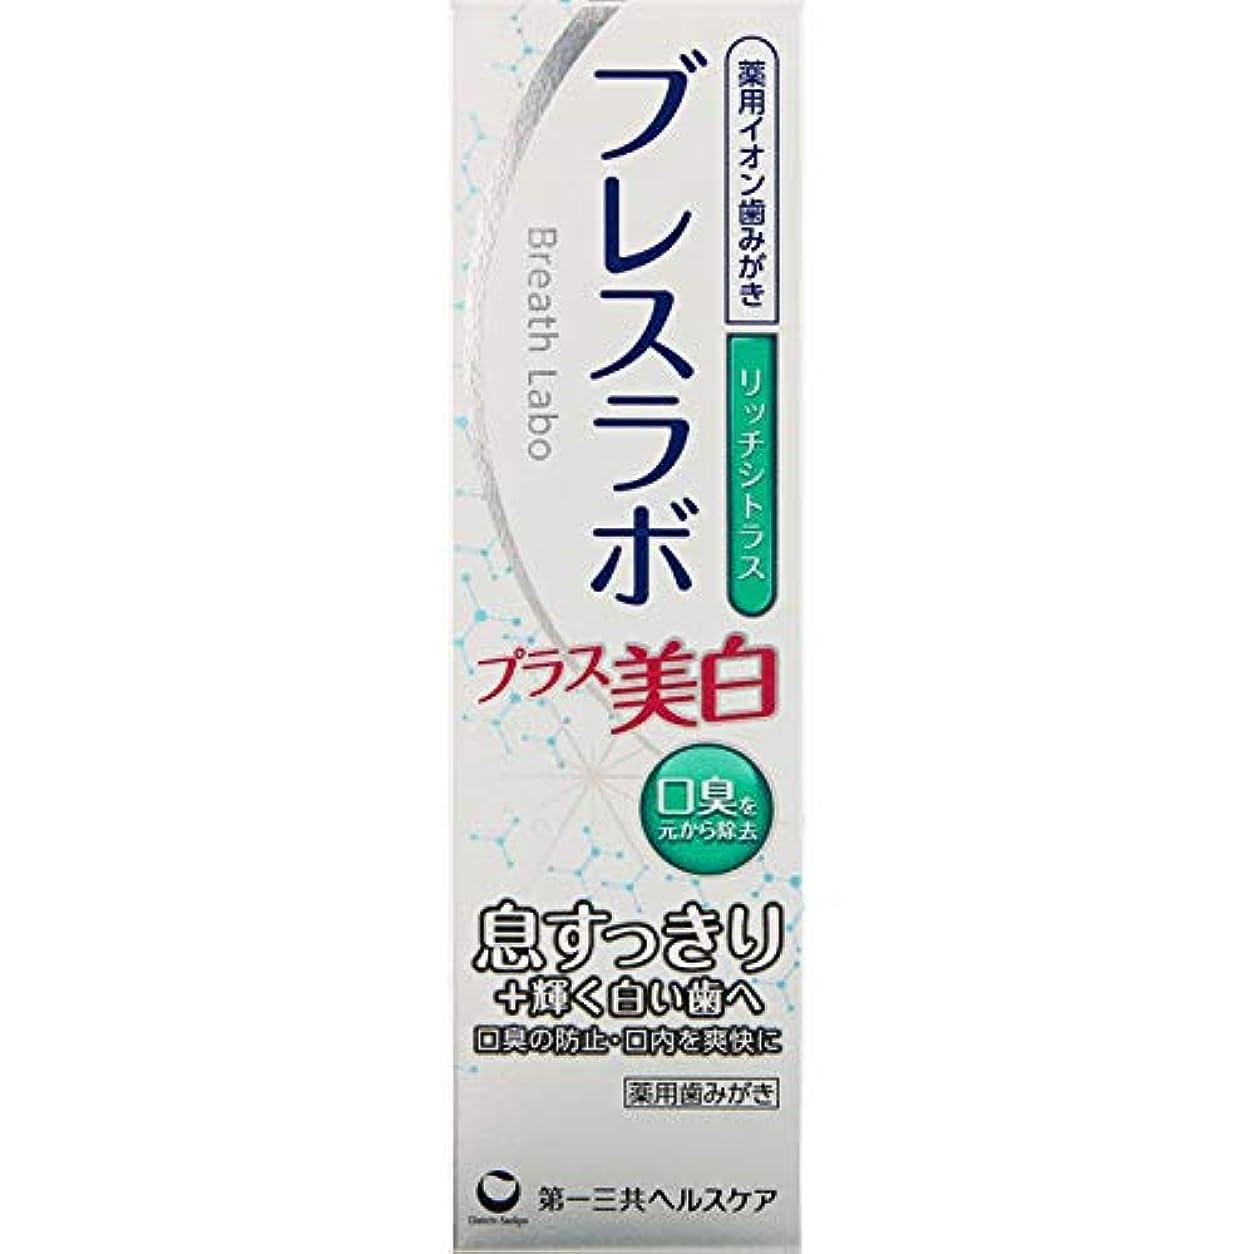 軽く日焼けタイトルブレスラボ プラス美白 リッチシトラス 90g